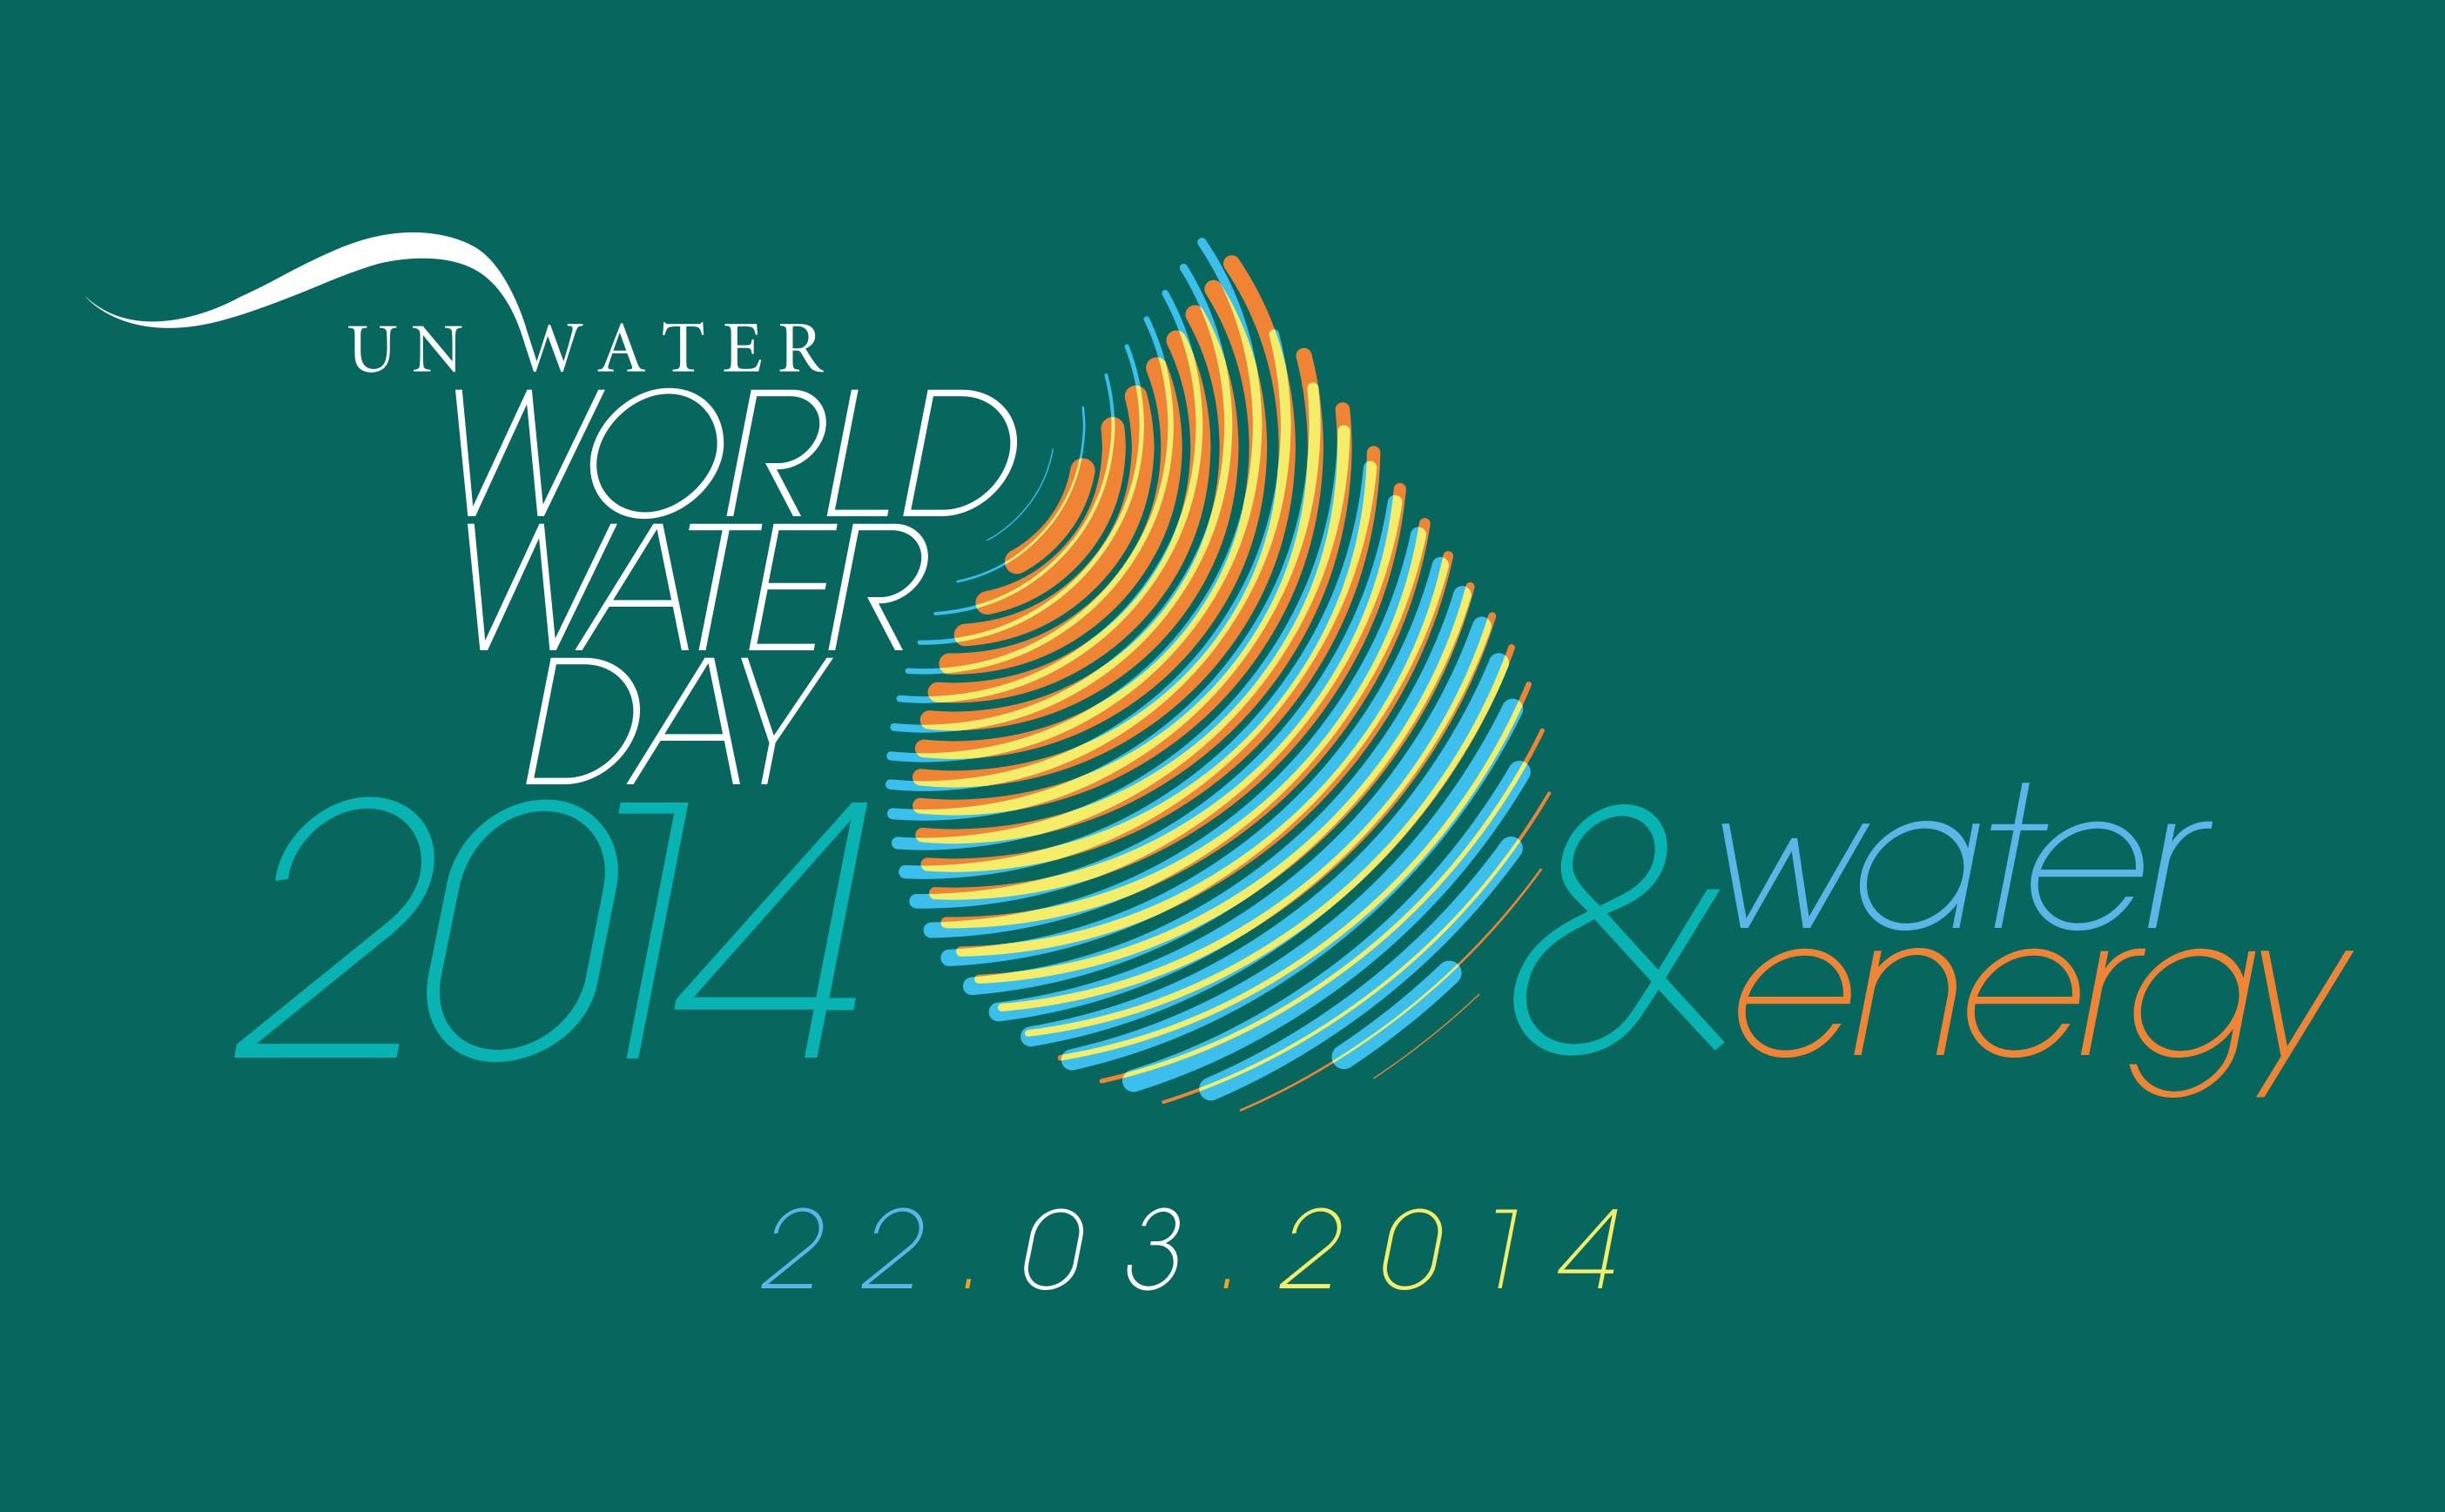 Azi sărbătorim Ziua Internațională a Apei